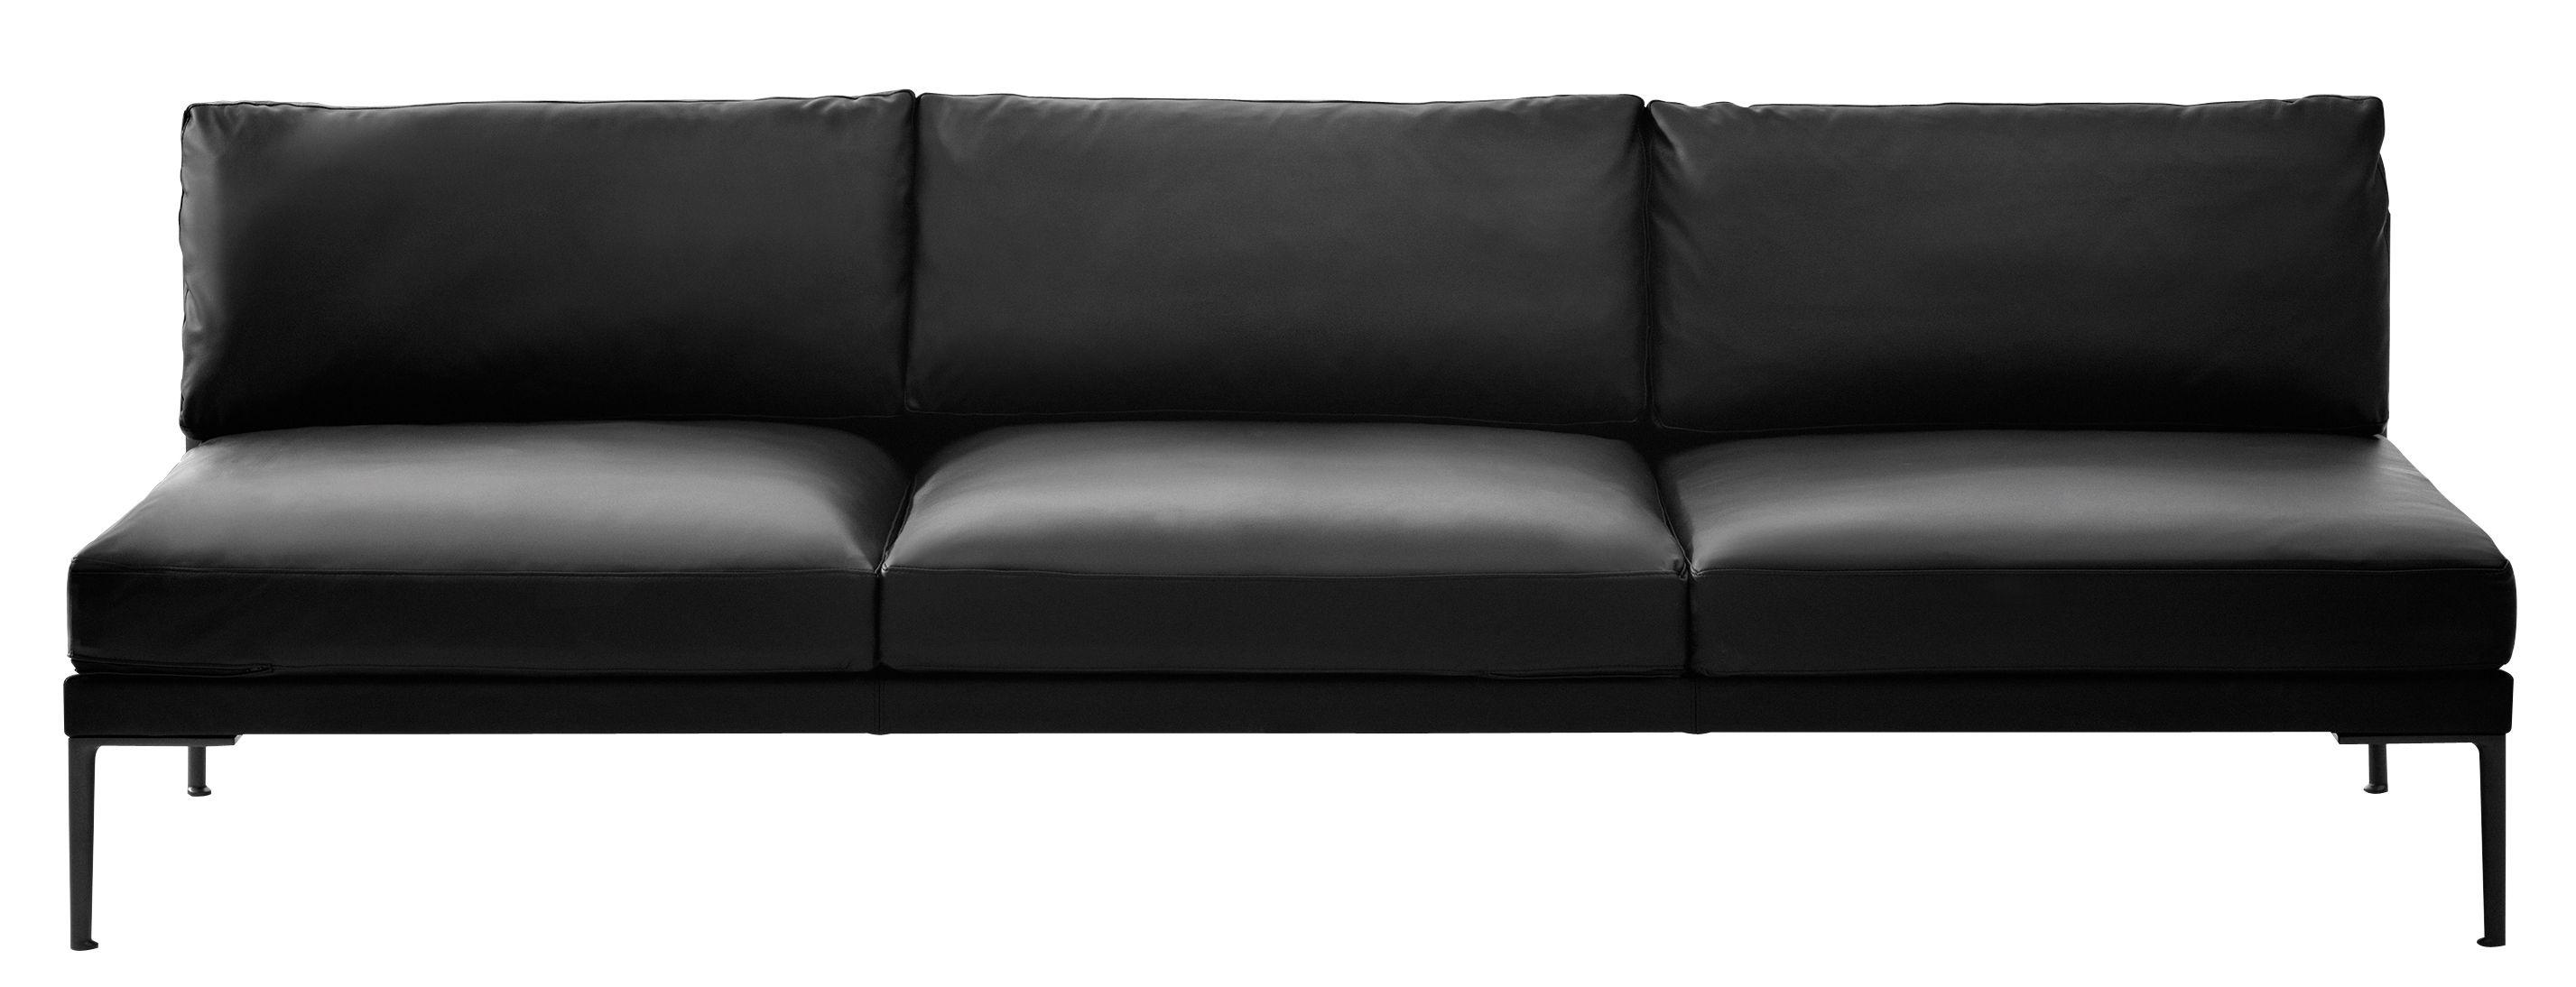 Mobilier - Canapés - Canapé droit Steeve / Cuir 3 places - L 231 cm - Sans accoudoirs - Arper - Cuir noir / Extérieur dossier wengé - Aluminium, Chêne teinté wengé, Cuir